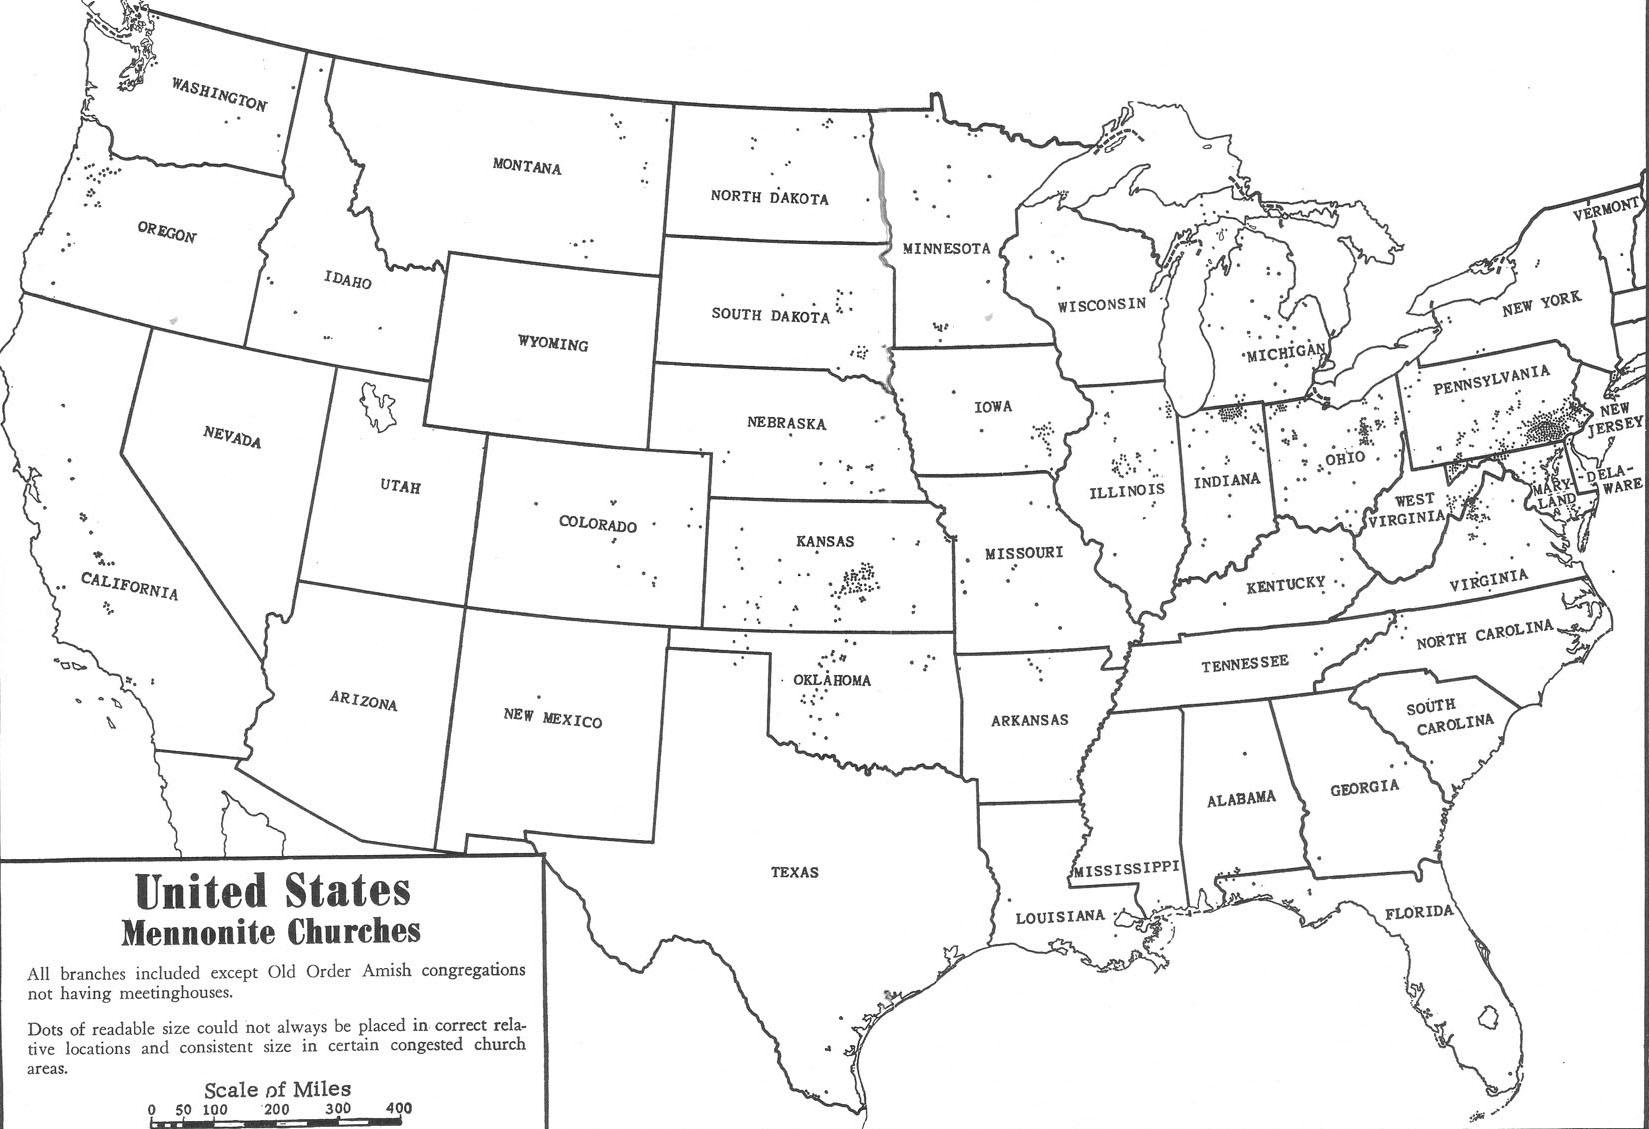 File:Us map large.jpg - GAMEO